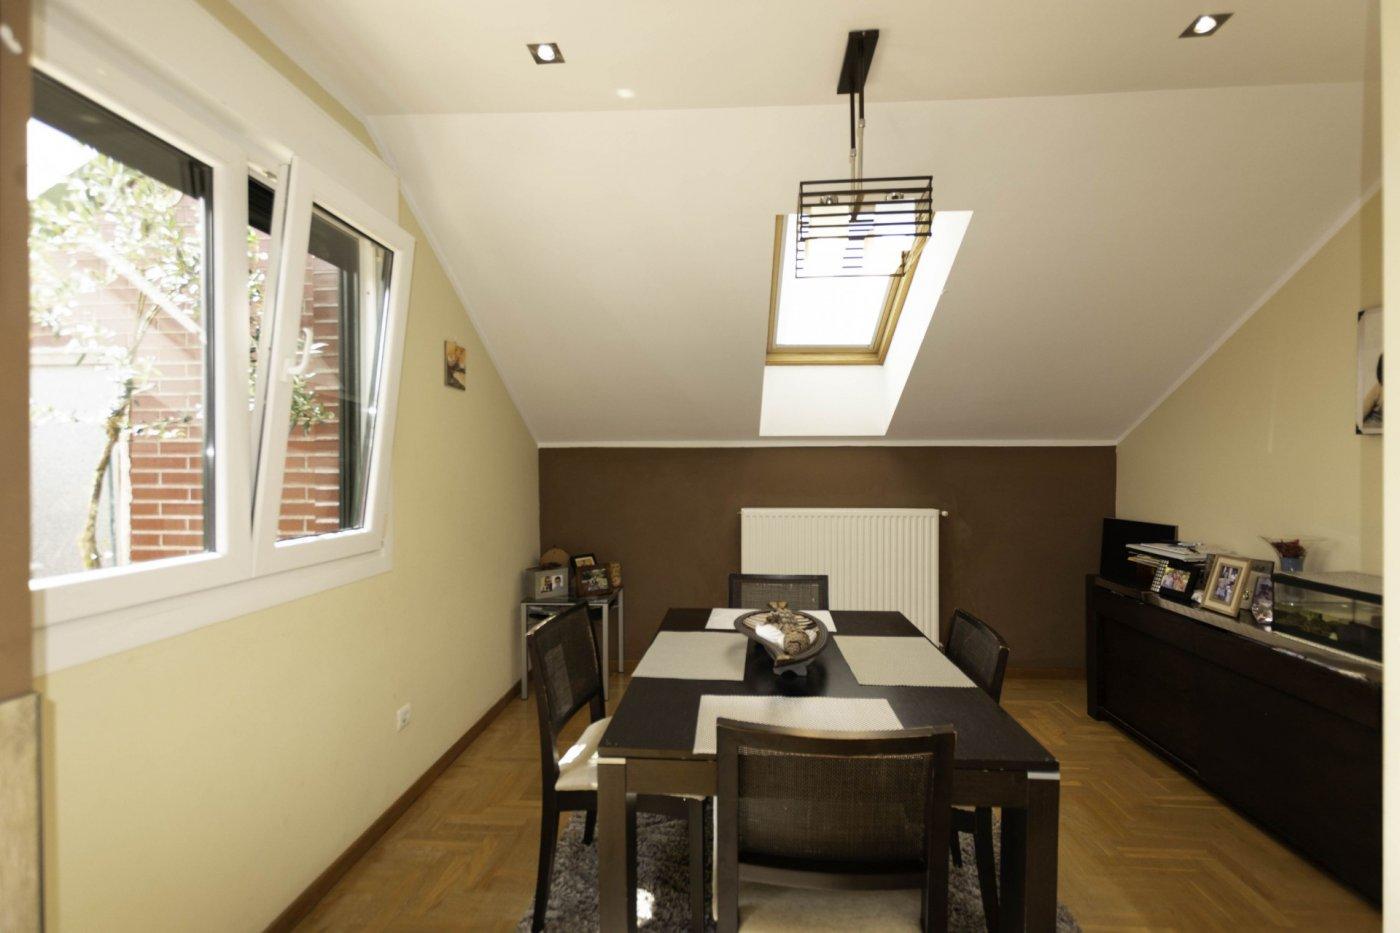 Ático con terraza de 11 m2, a 2 km de salinas - imagenInmueble7